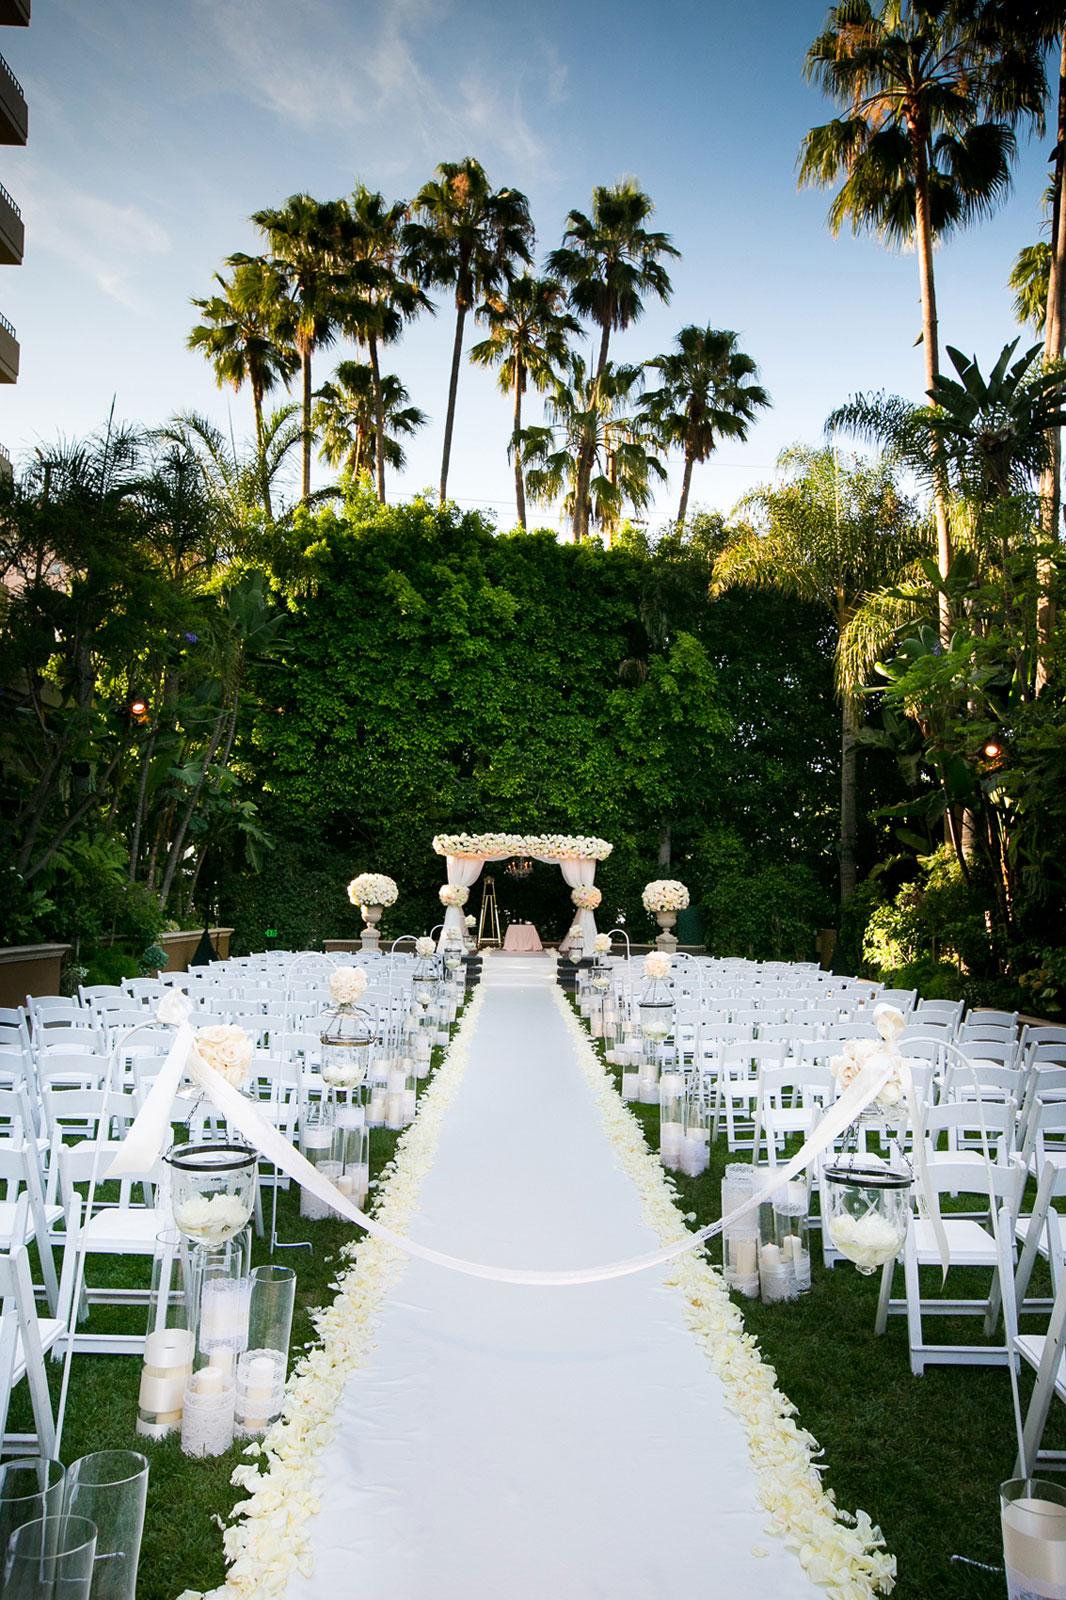 Beverly Hills outdoor garden wedding ceremony